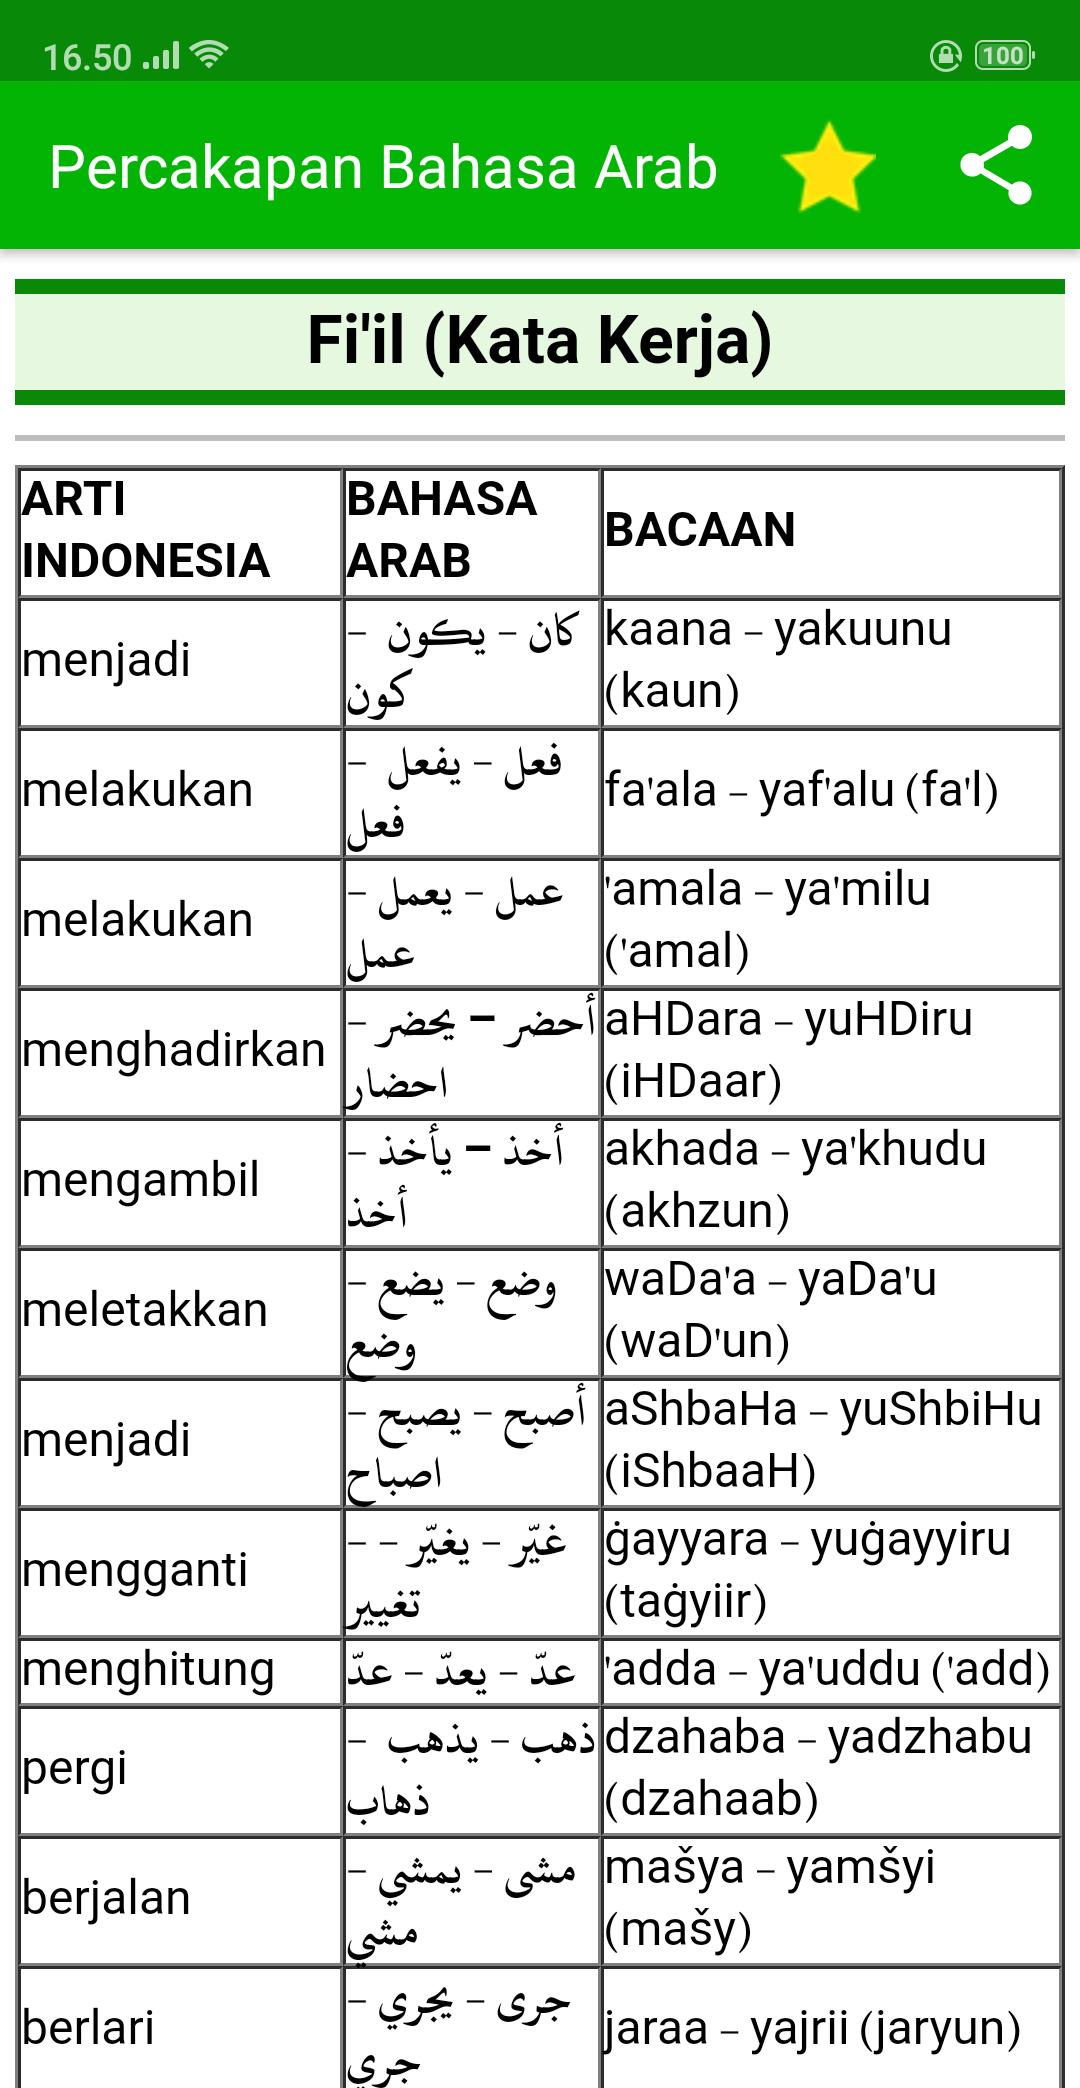 Percakapan Bahasa Arab for Android   APK Download